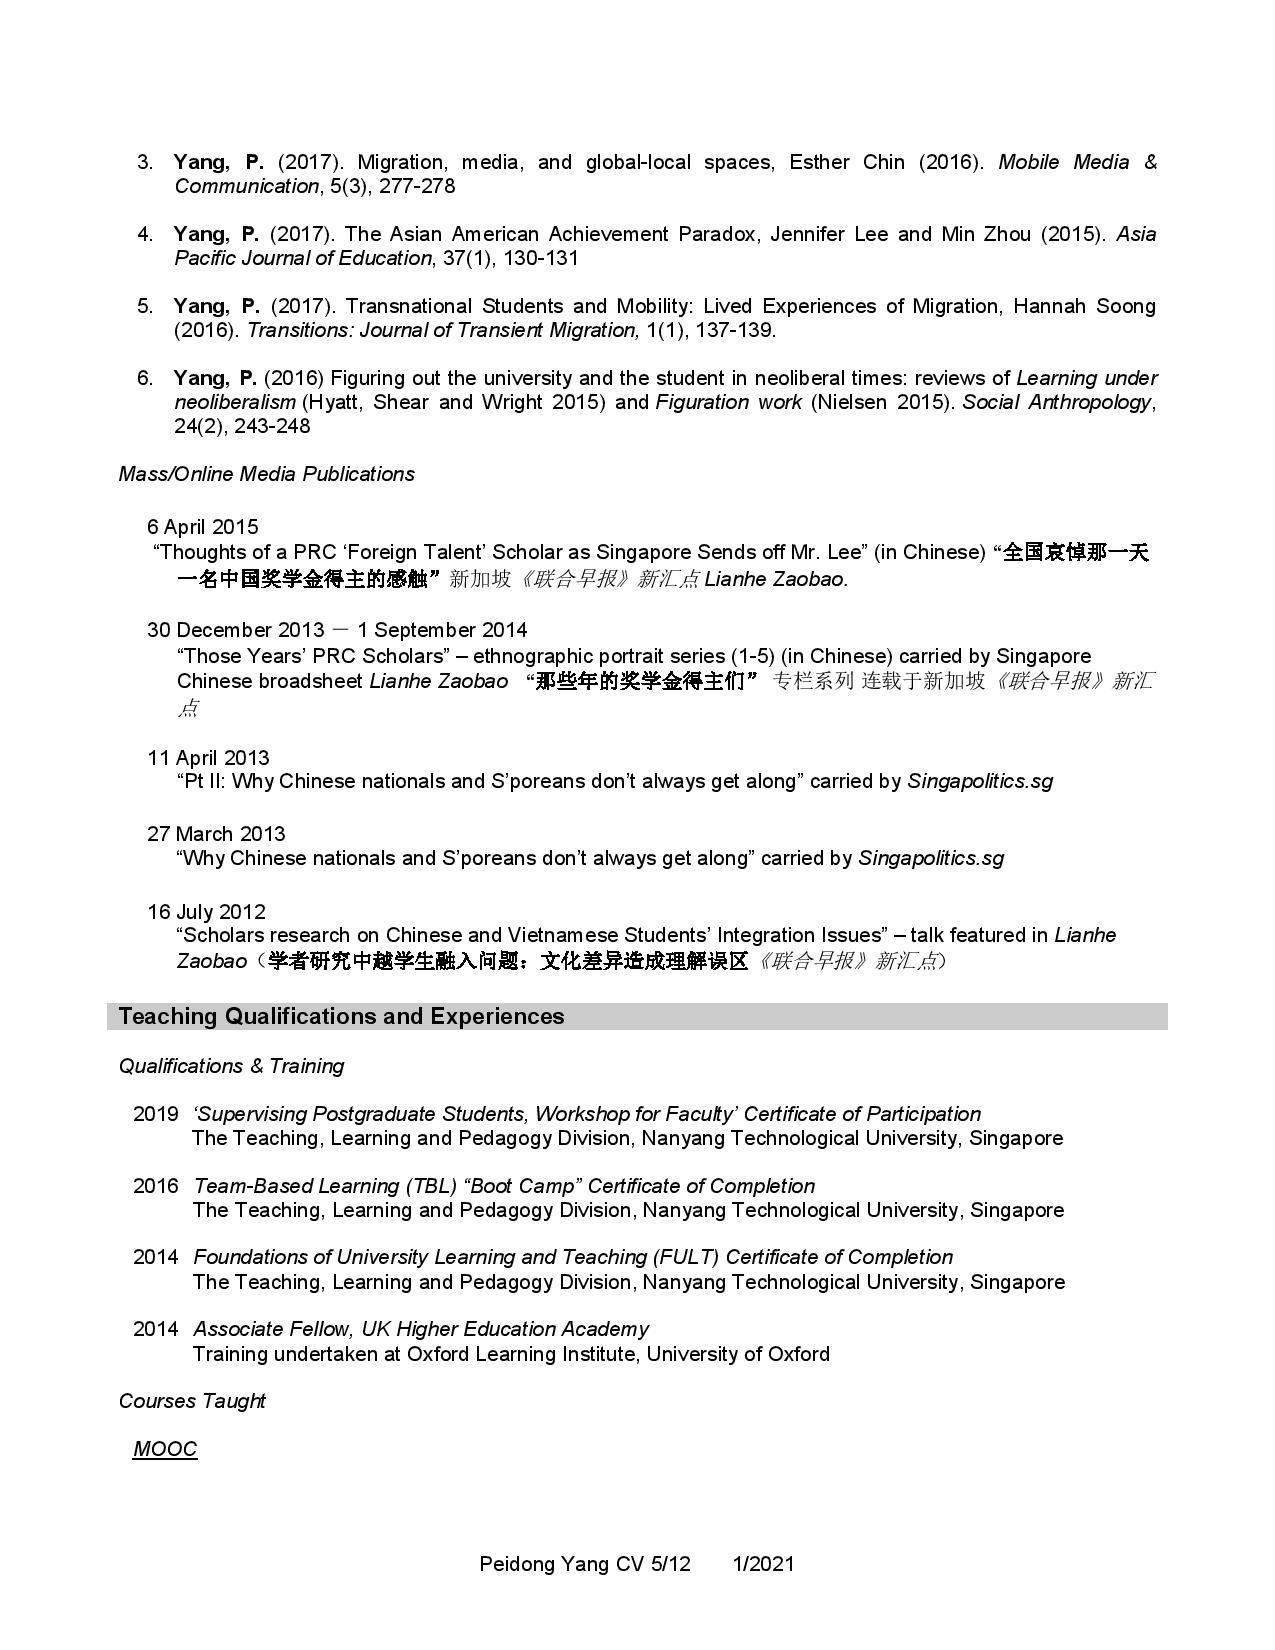 CV YANG Peidong_1.2021-page-005